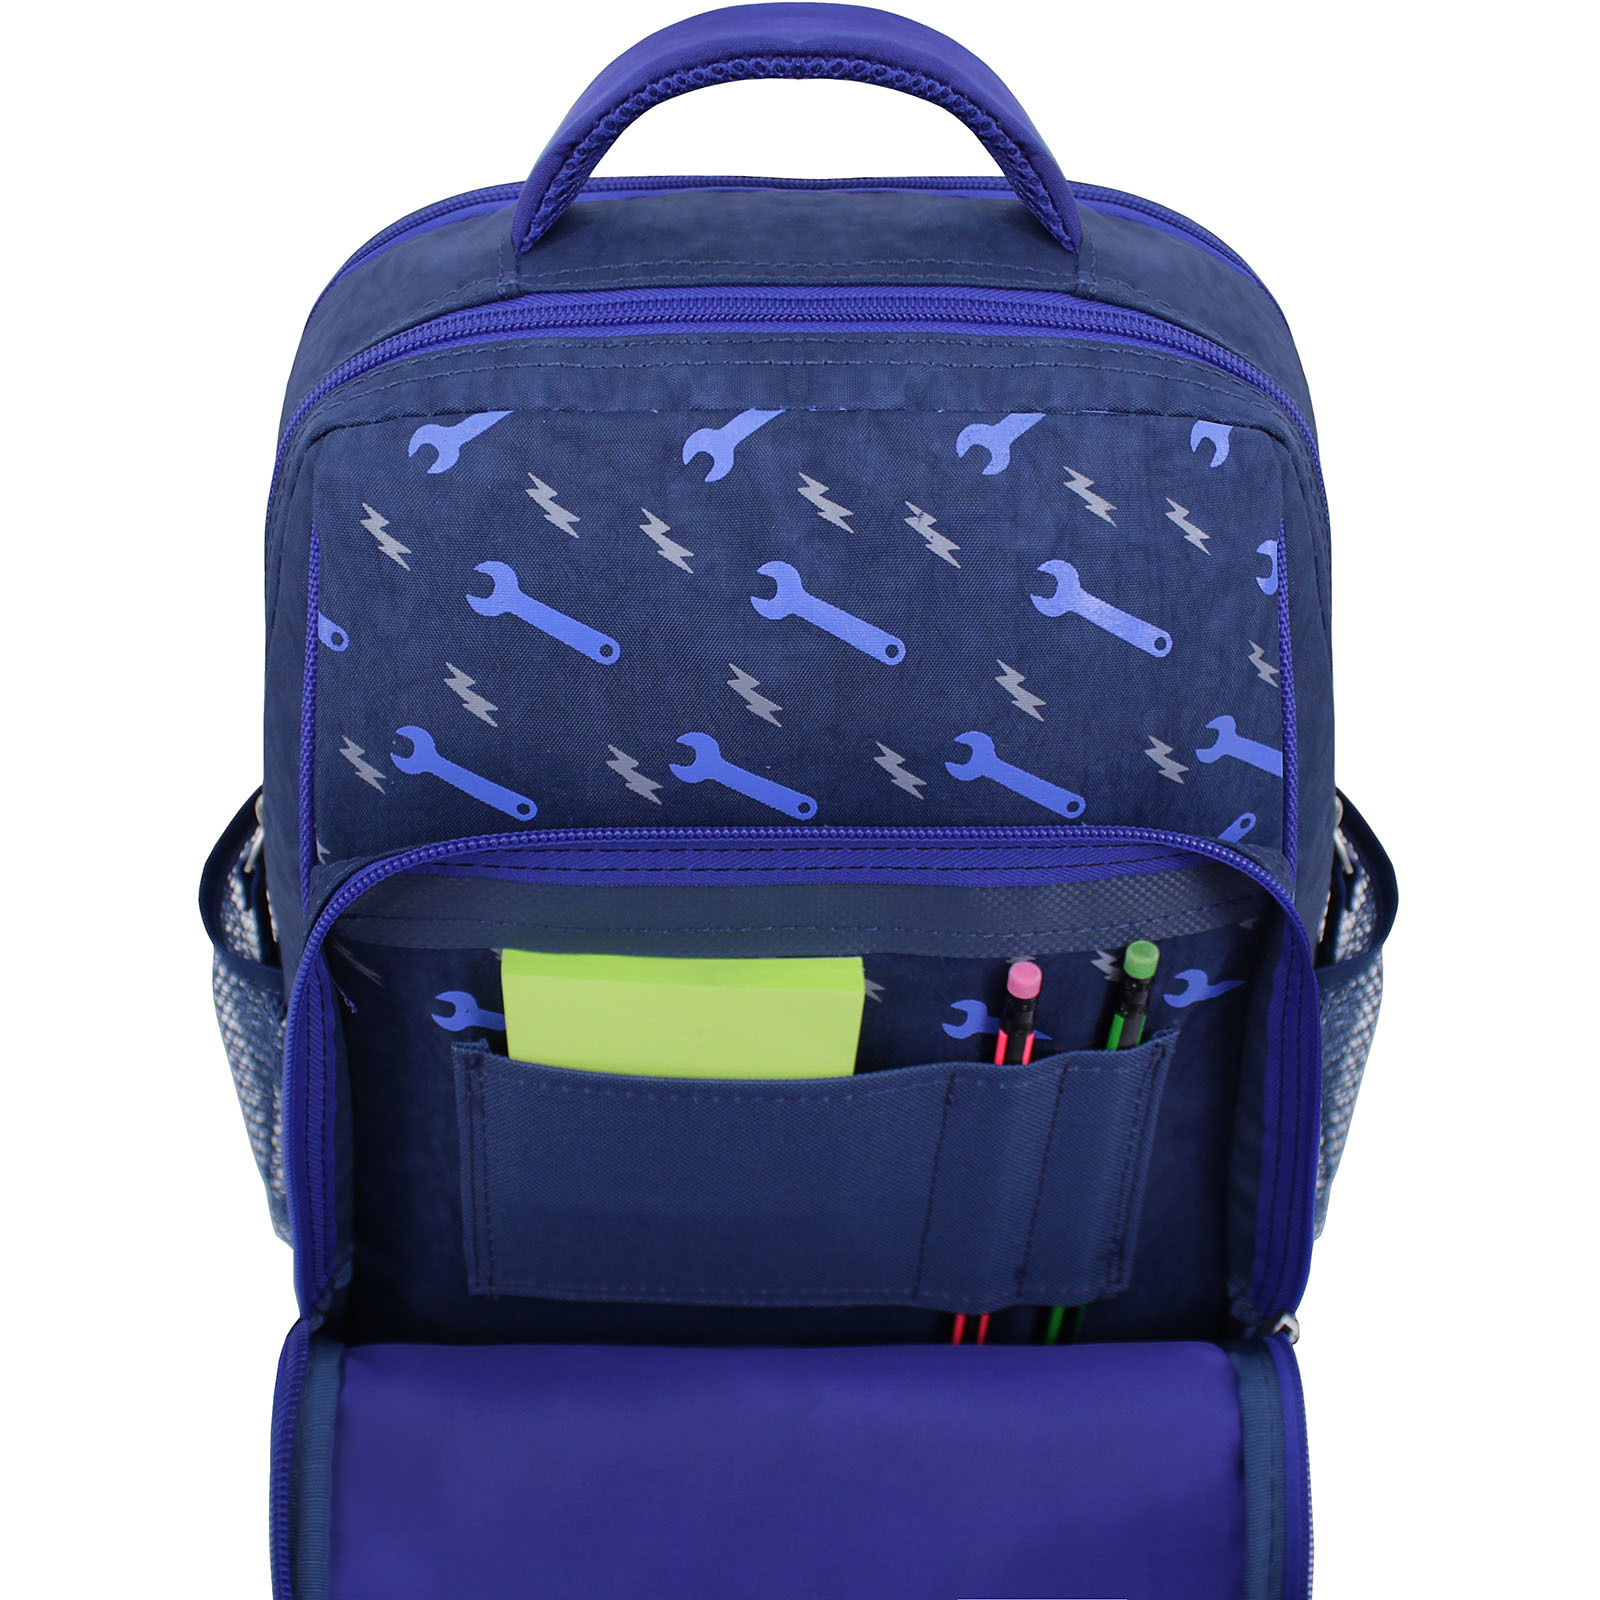 Рюкзак школьный Bagland Школьник 8 л. 225 синий 534 (00112702) фото 4